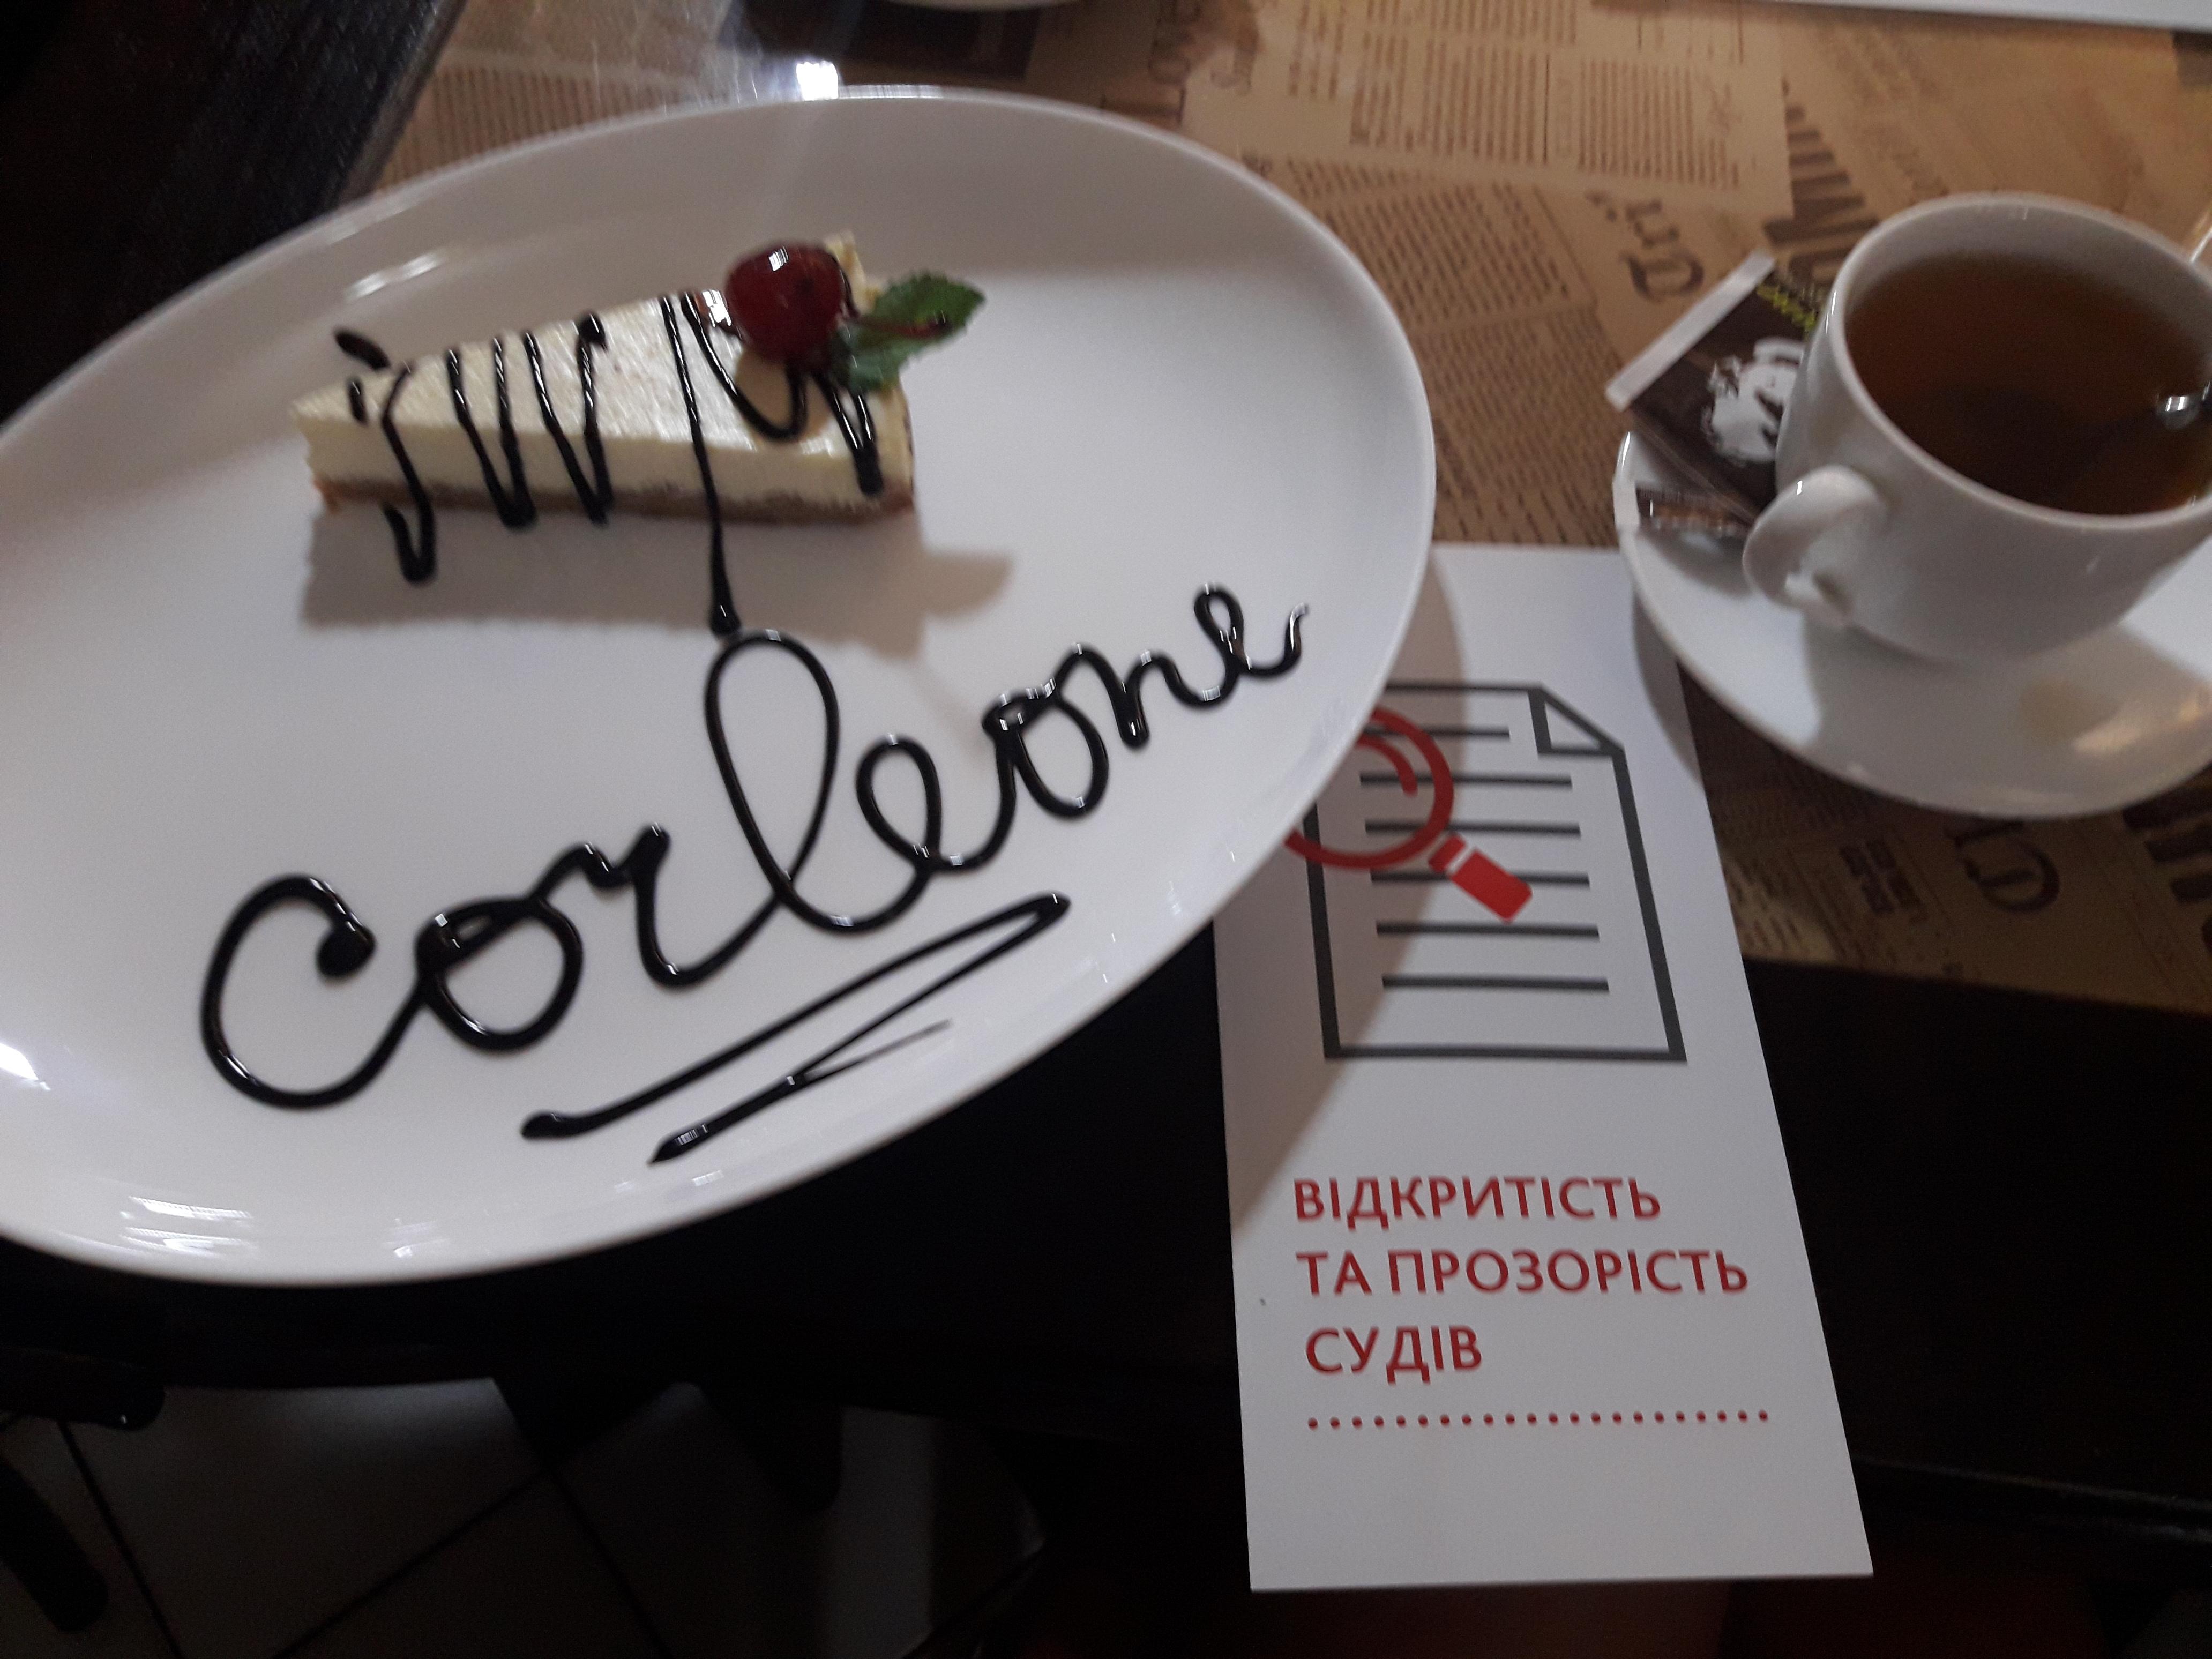 Як проходить судова реформа у Покровську розповідали на прес-сніданку журналістів та активістів громади з суддею-спікером, фото-1